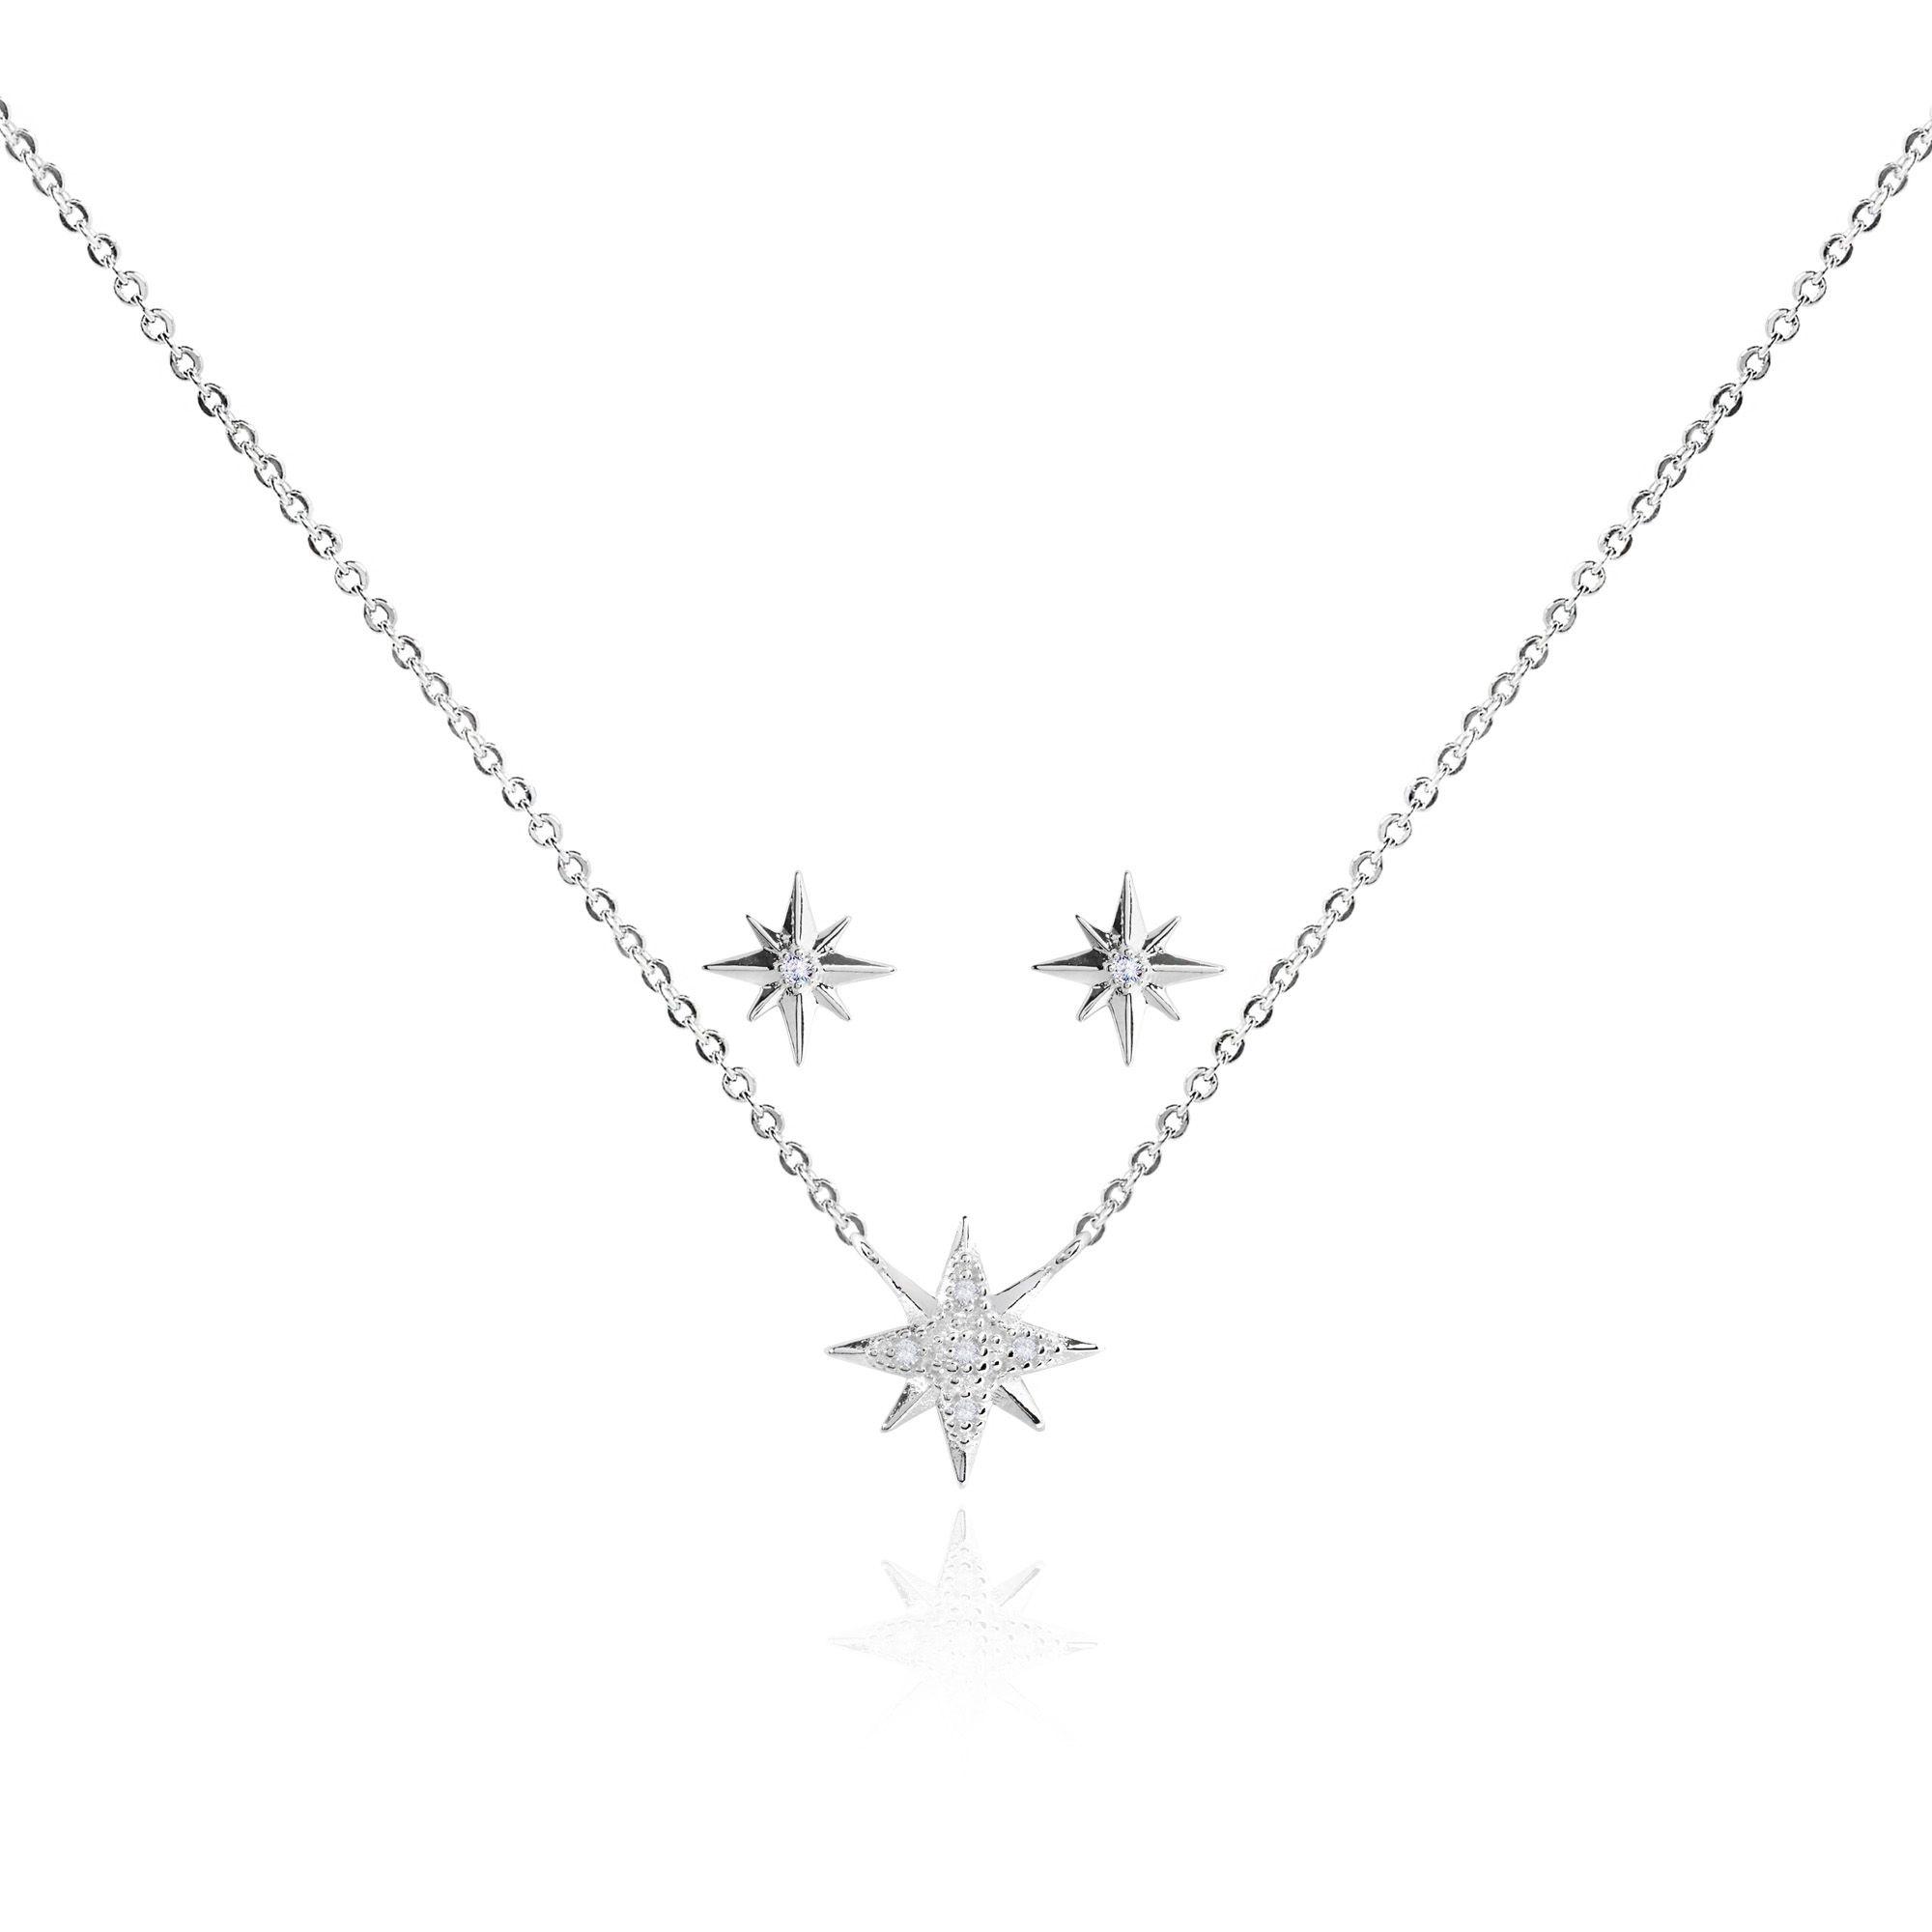 Joma Jewellery Sentiment Set - Happy Birthday